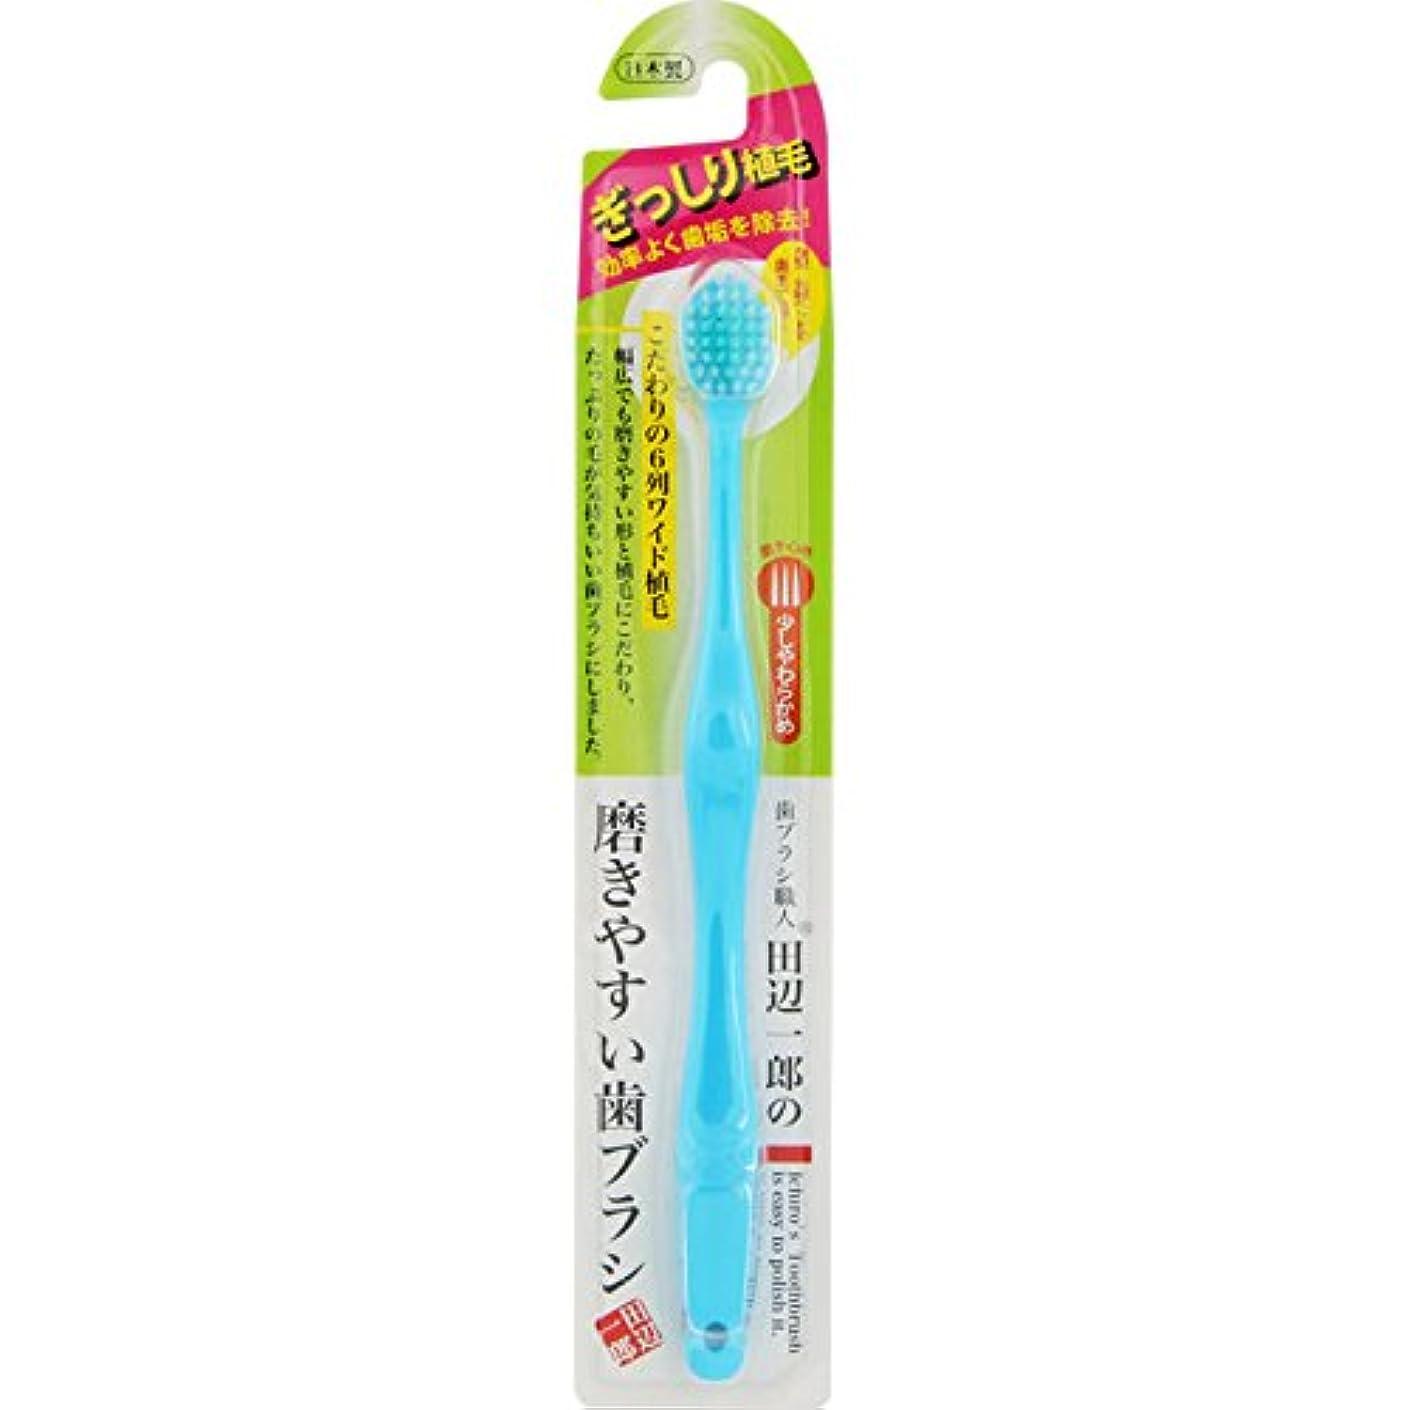 請求統計的義務ライフレンジ 磨きやすい歯ブラシ ワイド 少しやわらかめ 1本